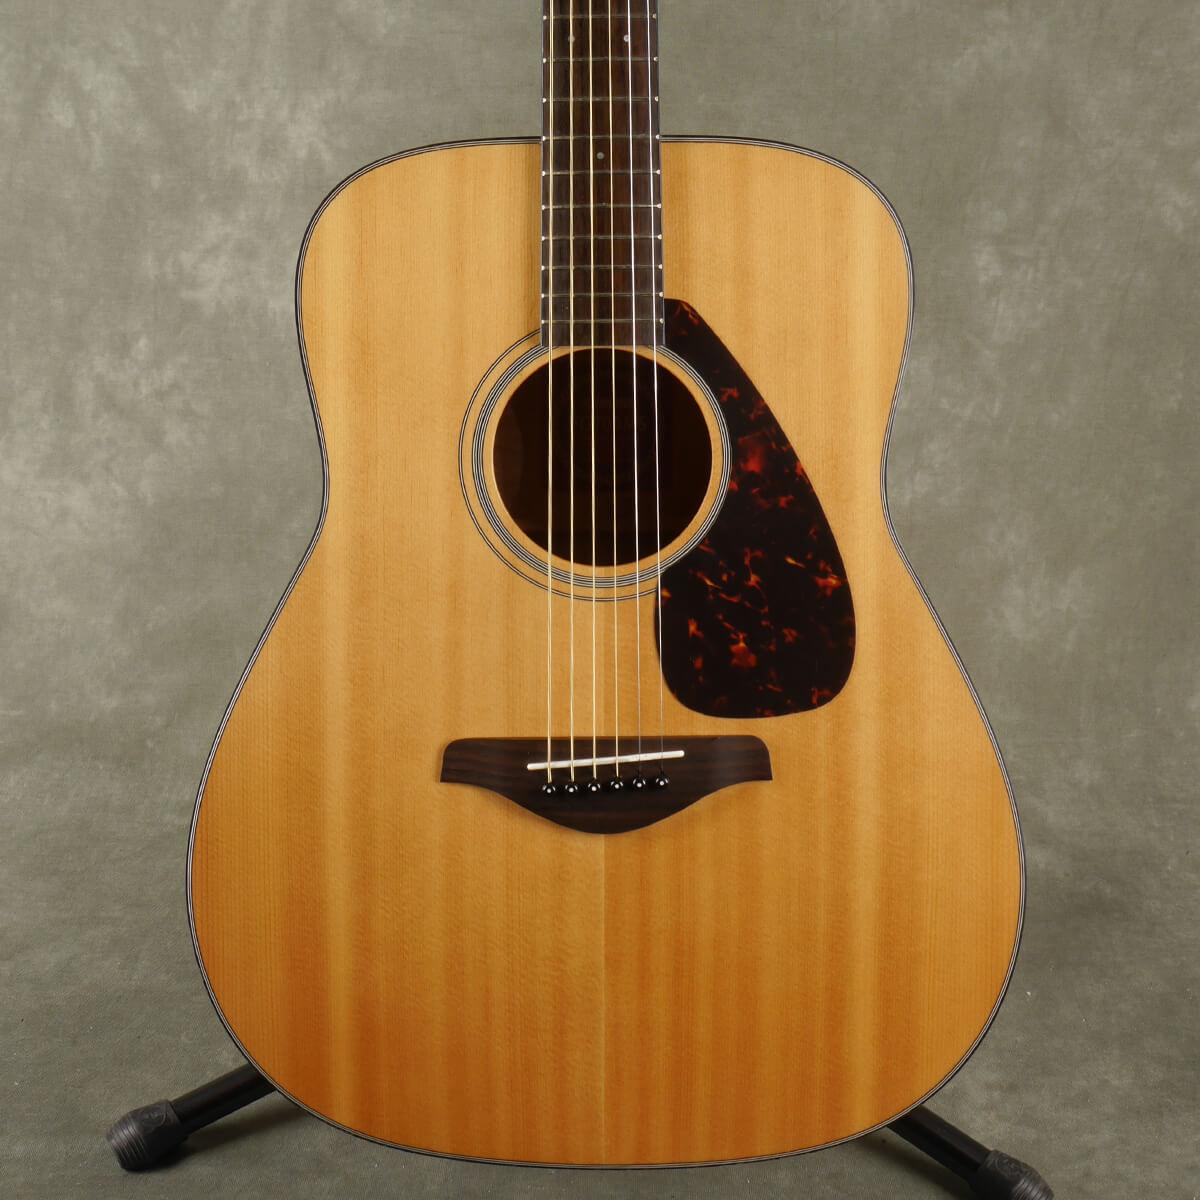 Yamaha FG700MS Acoustic Guitar - Natural - 2nd Hand